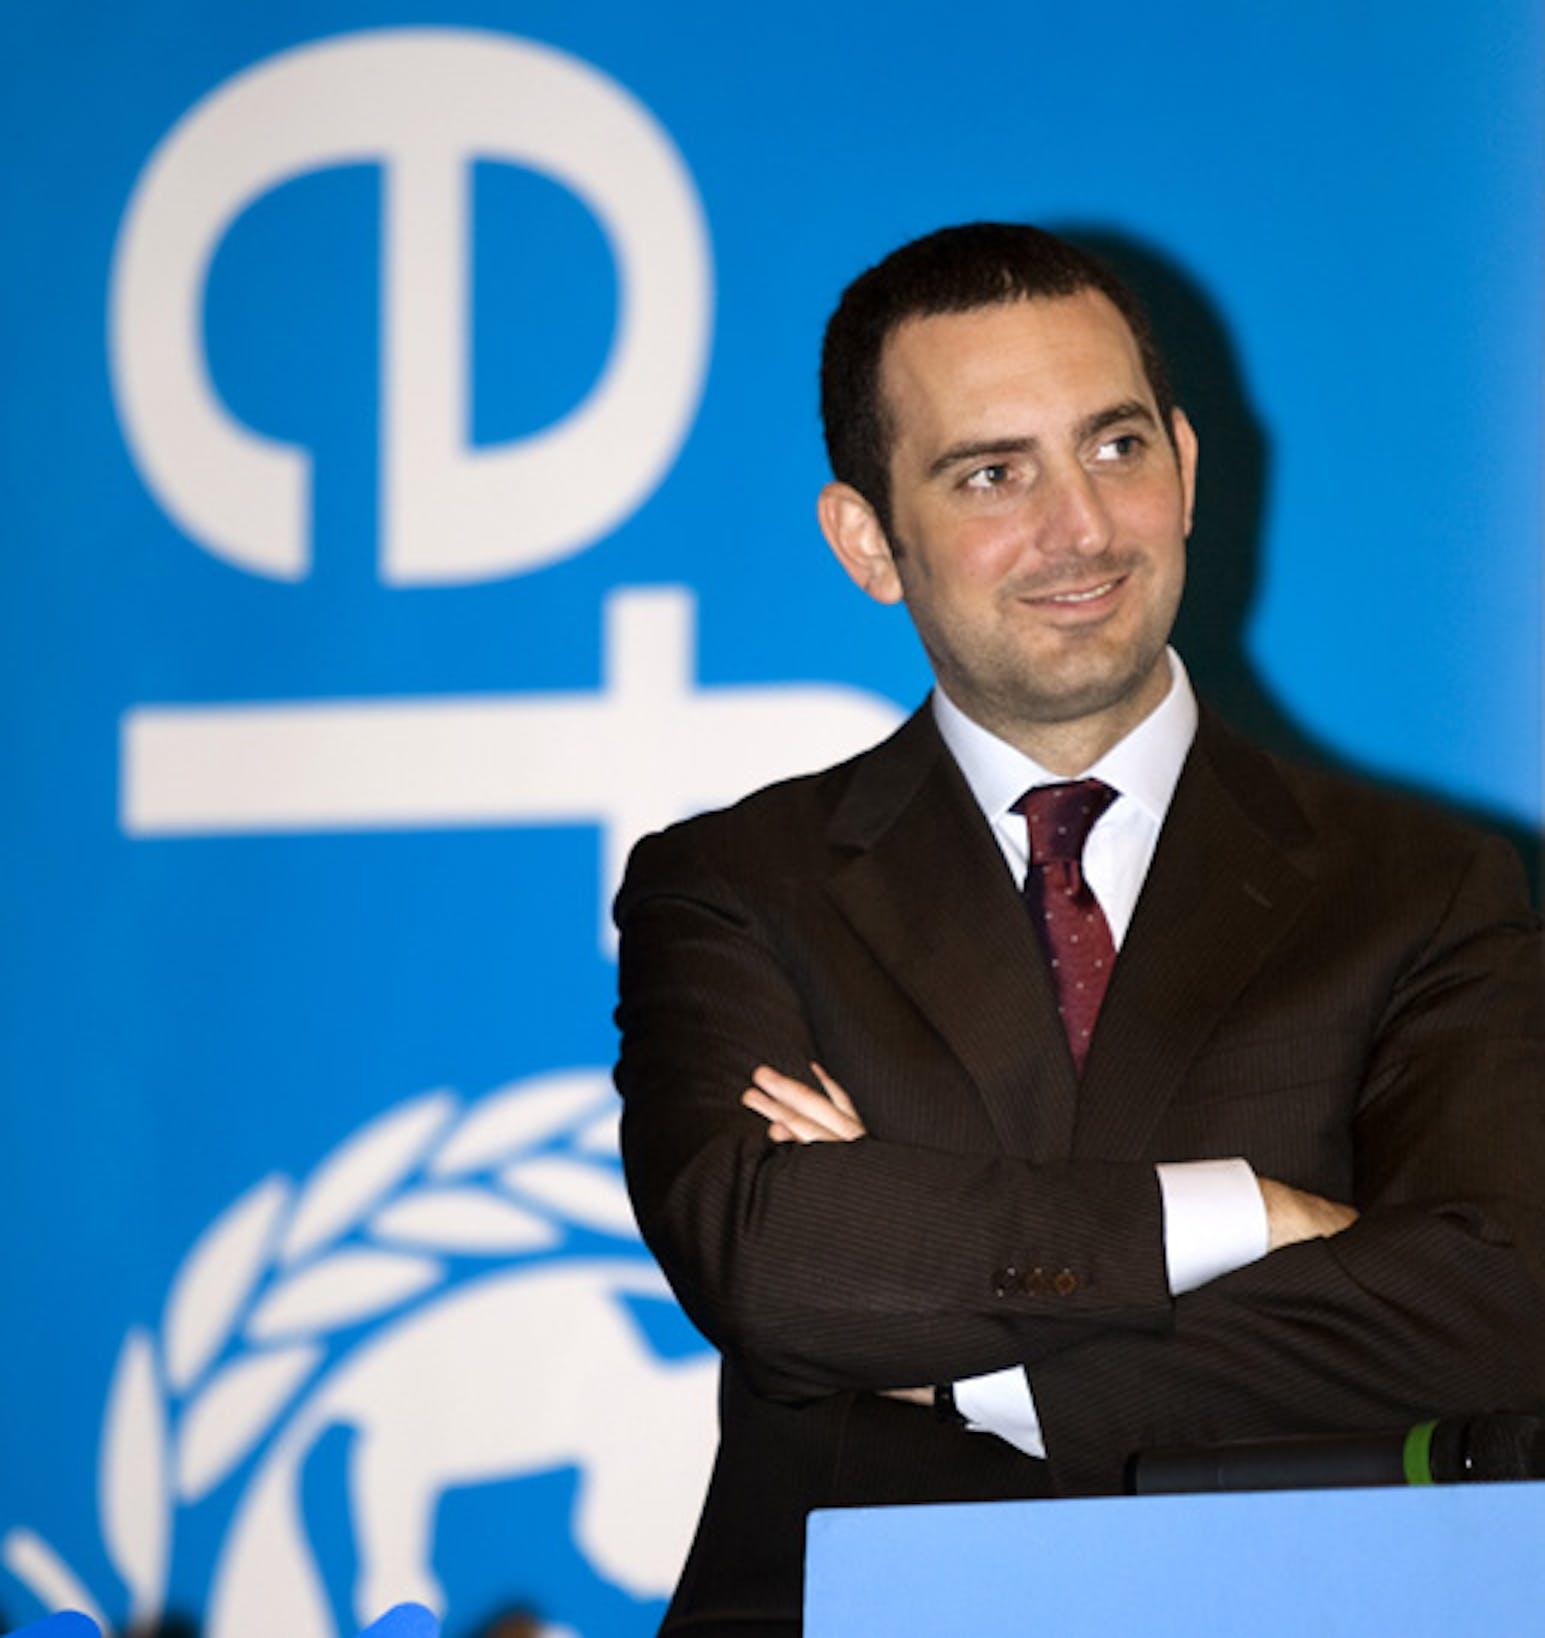 Vincenzo Spadafora, rieletto presidente dell'UNICEF Italia - ©UNICEF Italia/2011/A.Lombardi